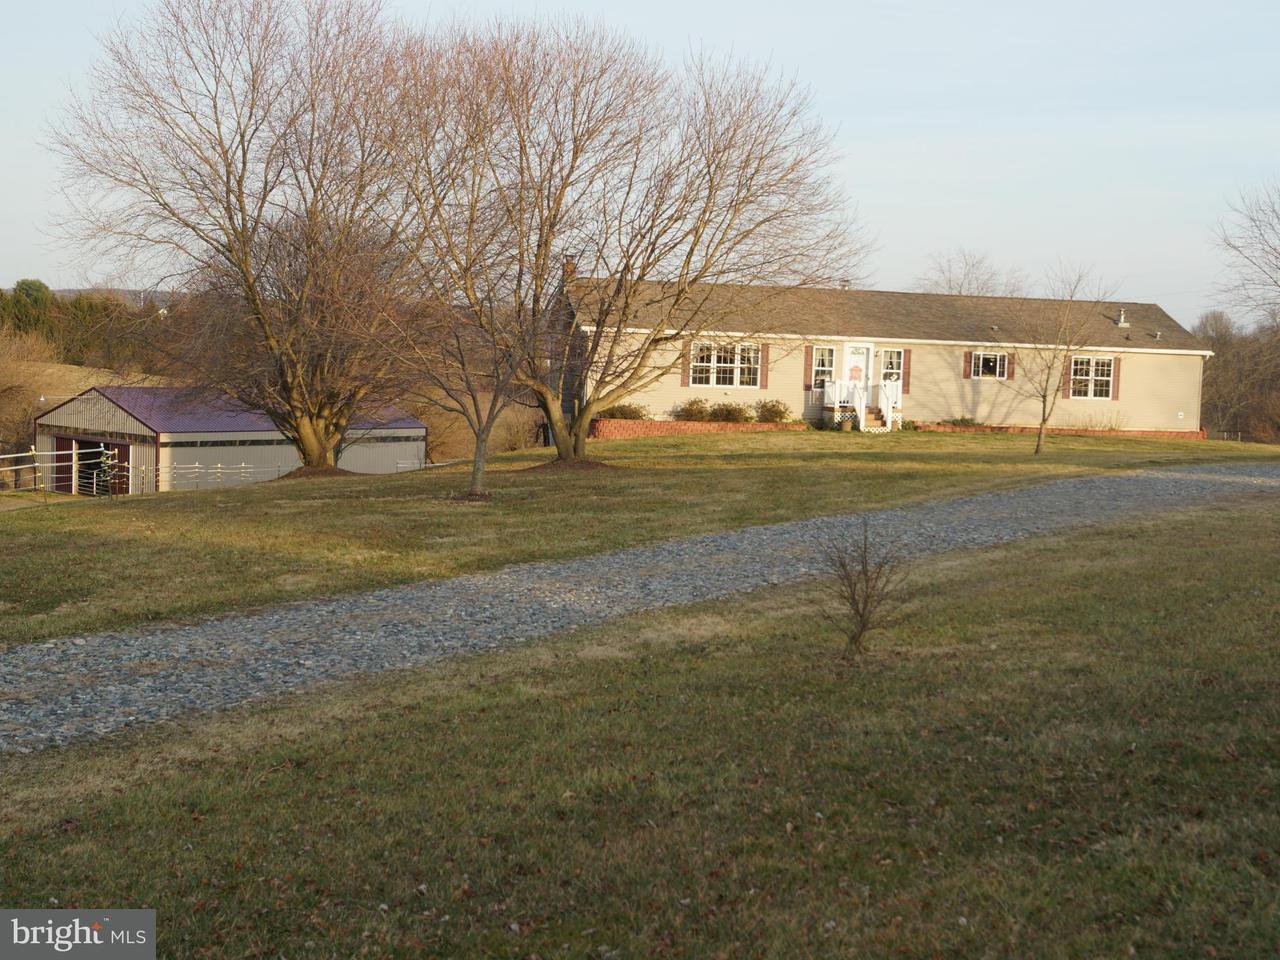 农场 为 销售 在 203 WHEELER SCHOOL Road 203 WHEELER SCHOOL Road Pylesville, 马里兰州 21132 美国